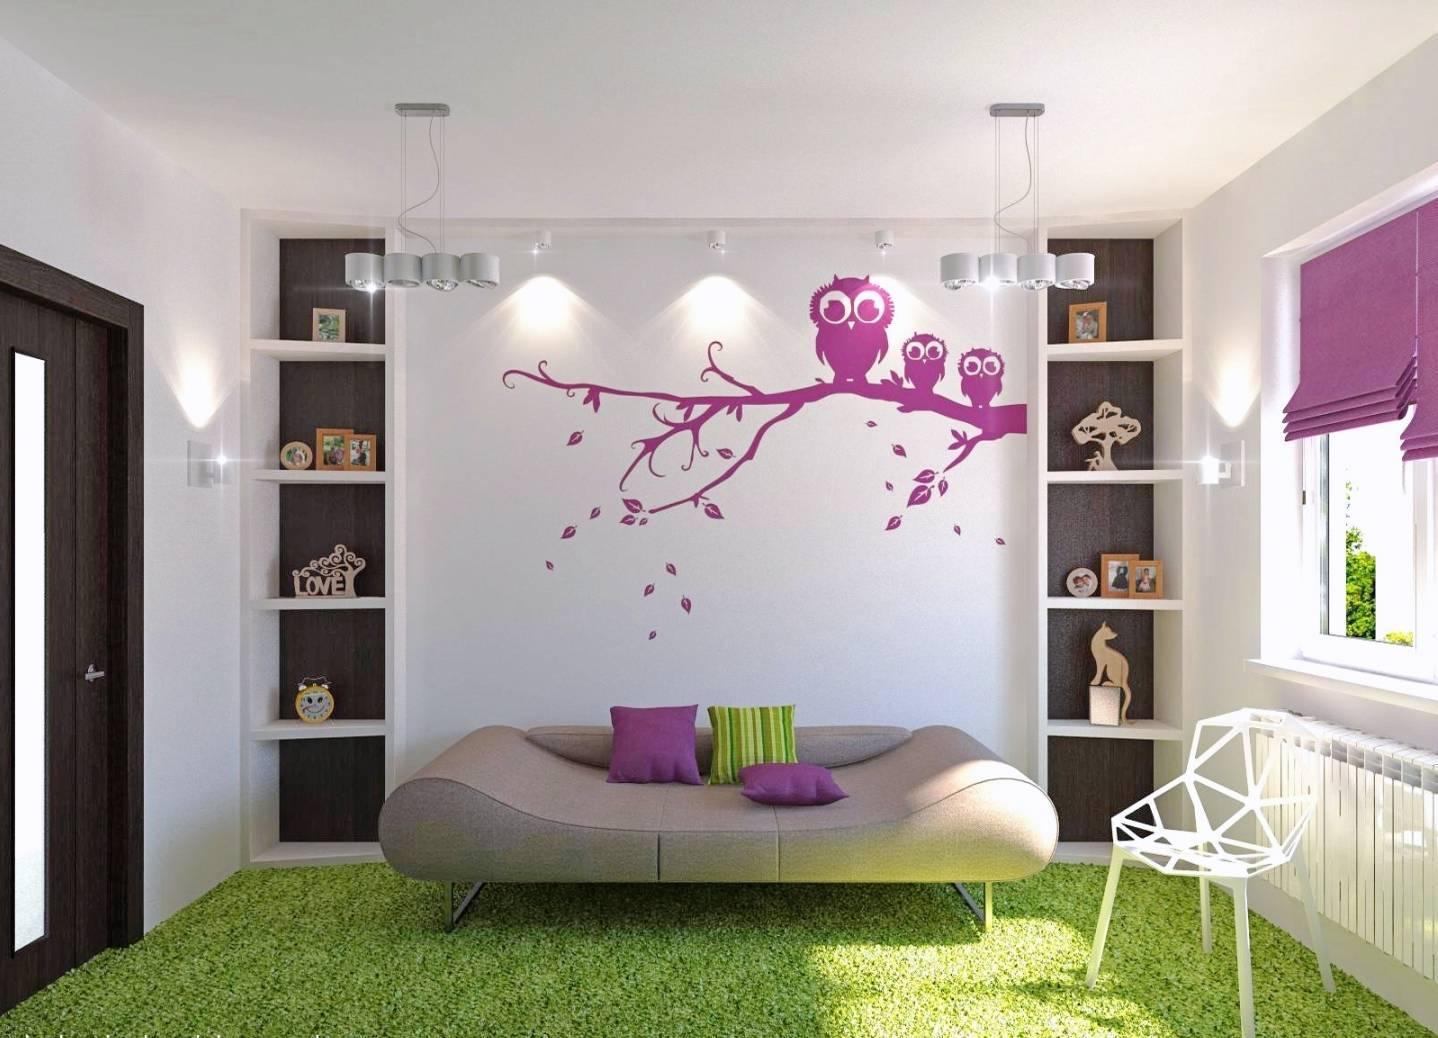 Обои в комнату для подростка: дизайн красивых примеров, фотографии интерьера